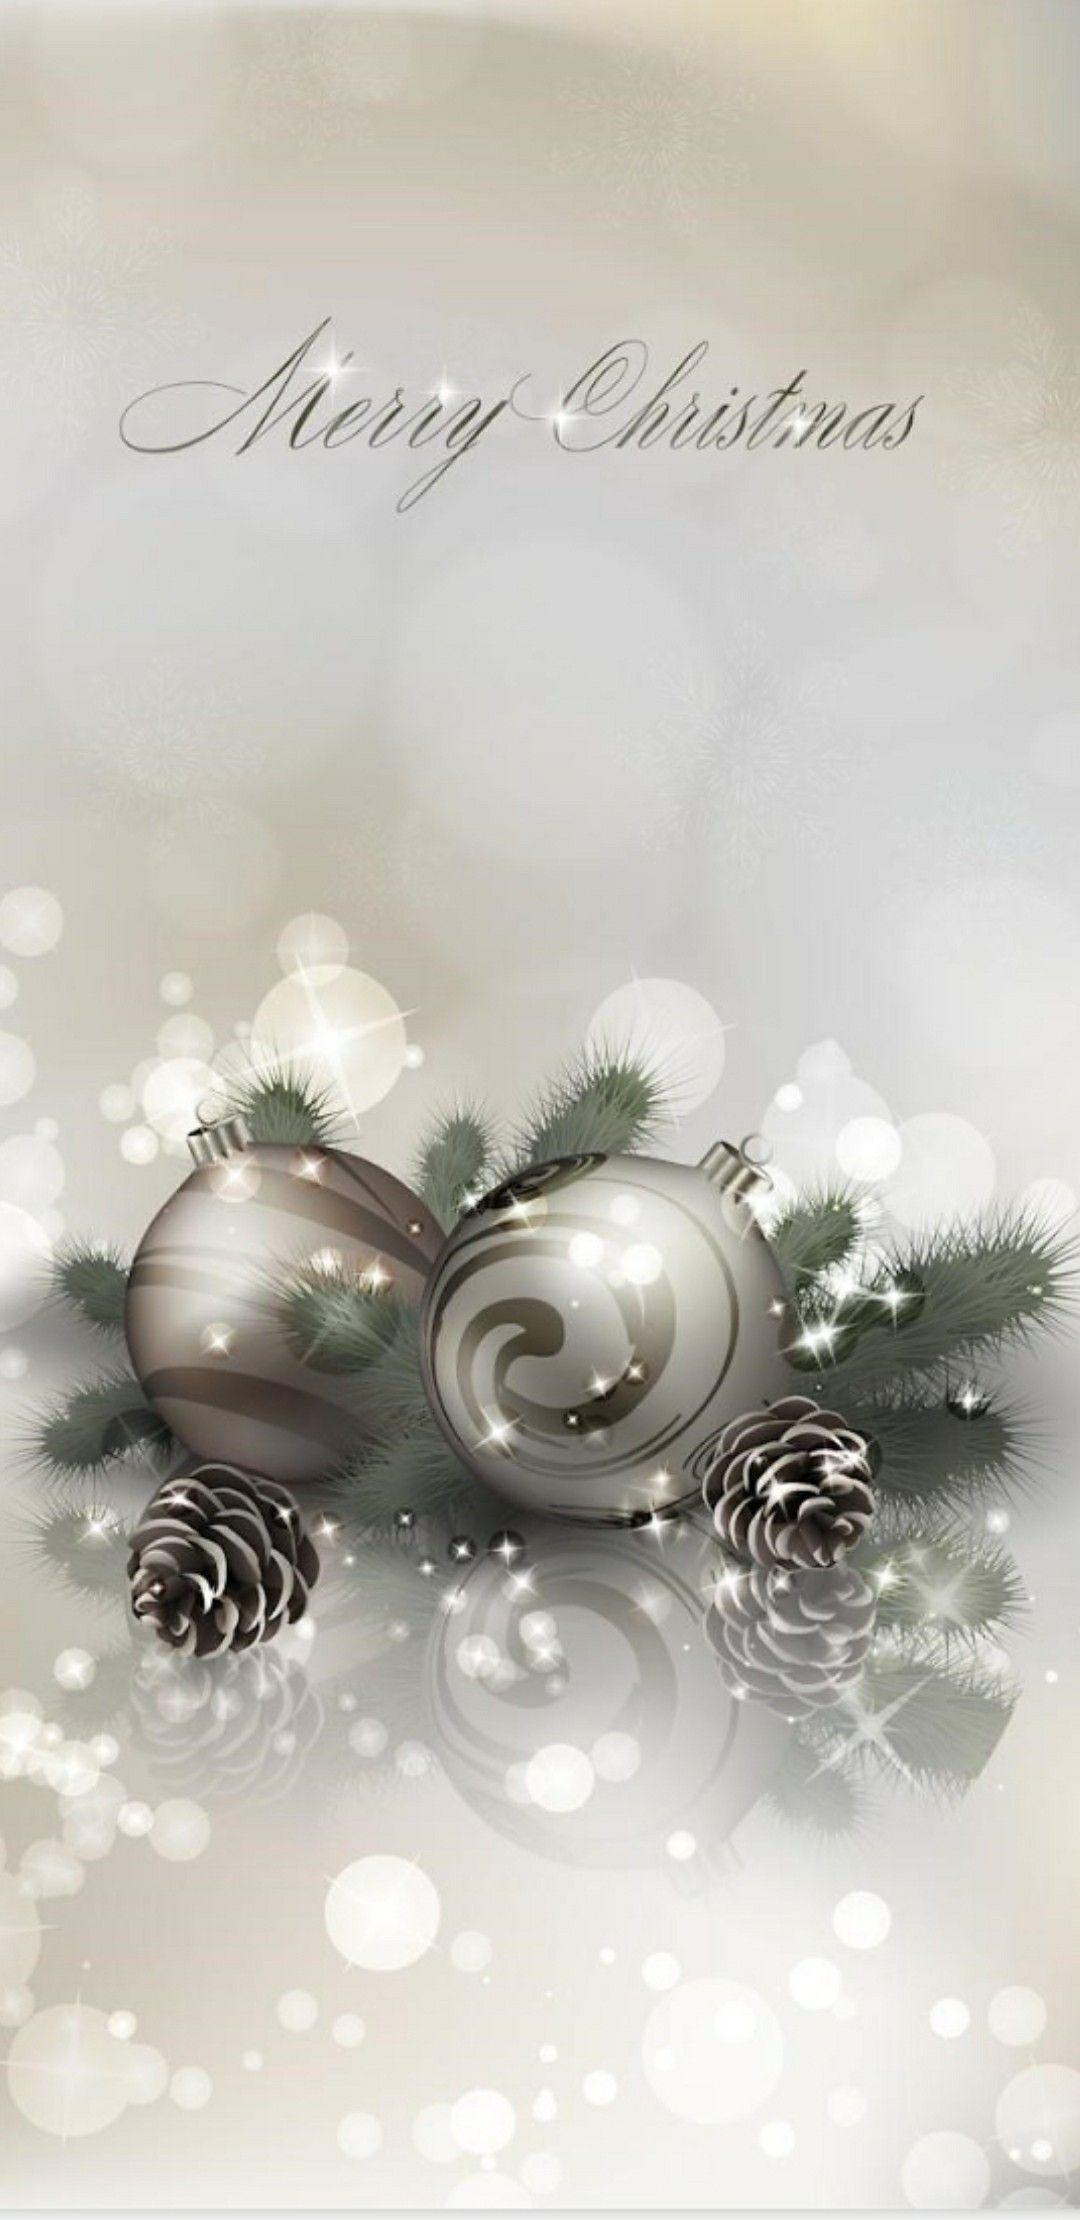 wallpaper #merrychristmas #blackandwhite   Christmas&new year ...